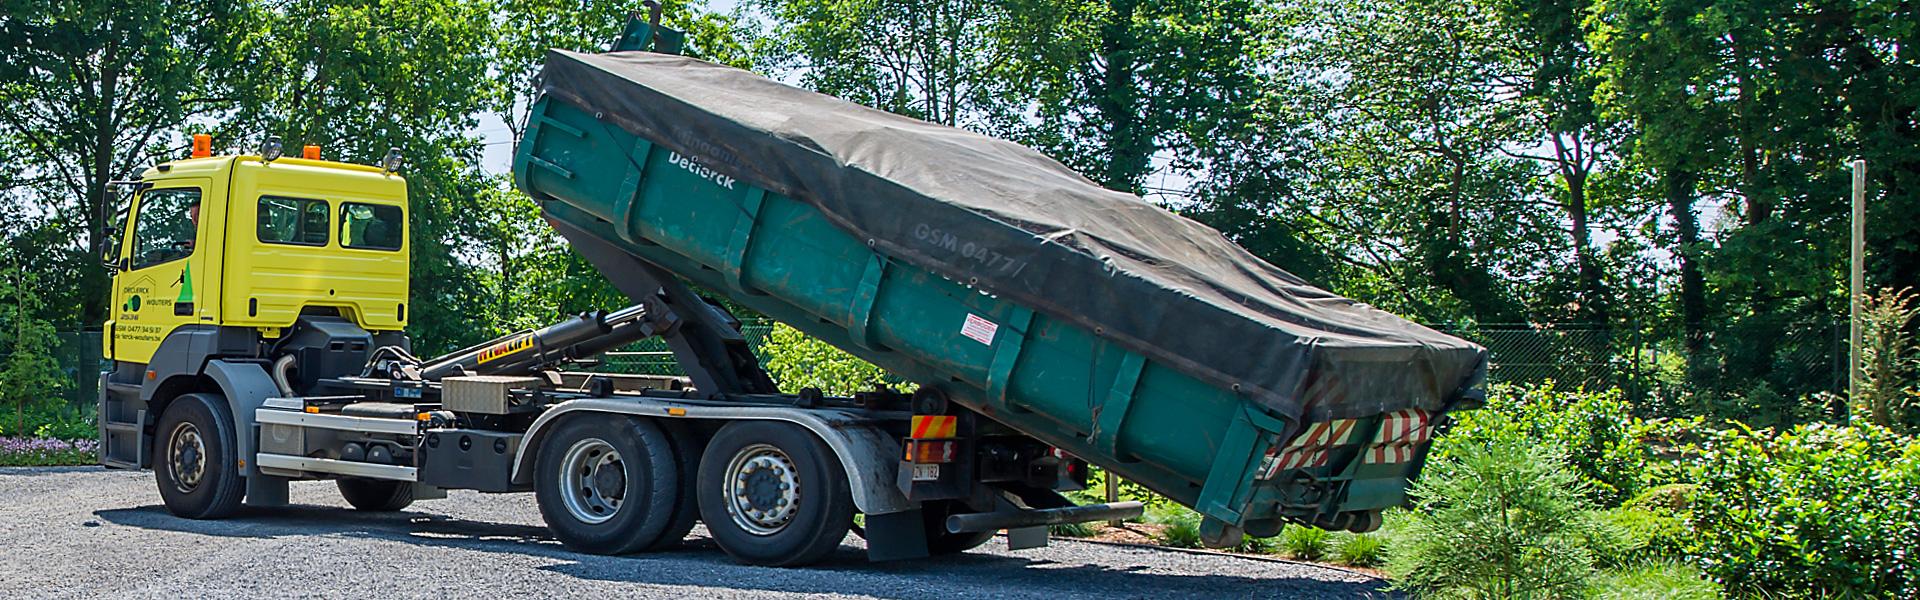 Containerverhuur - Groenbedrijf Limburg